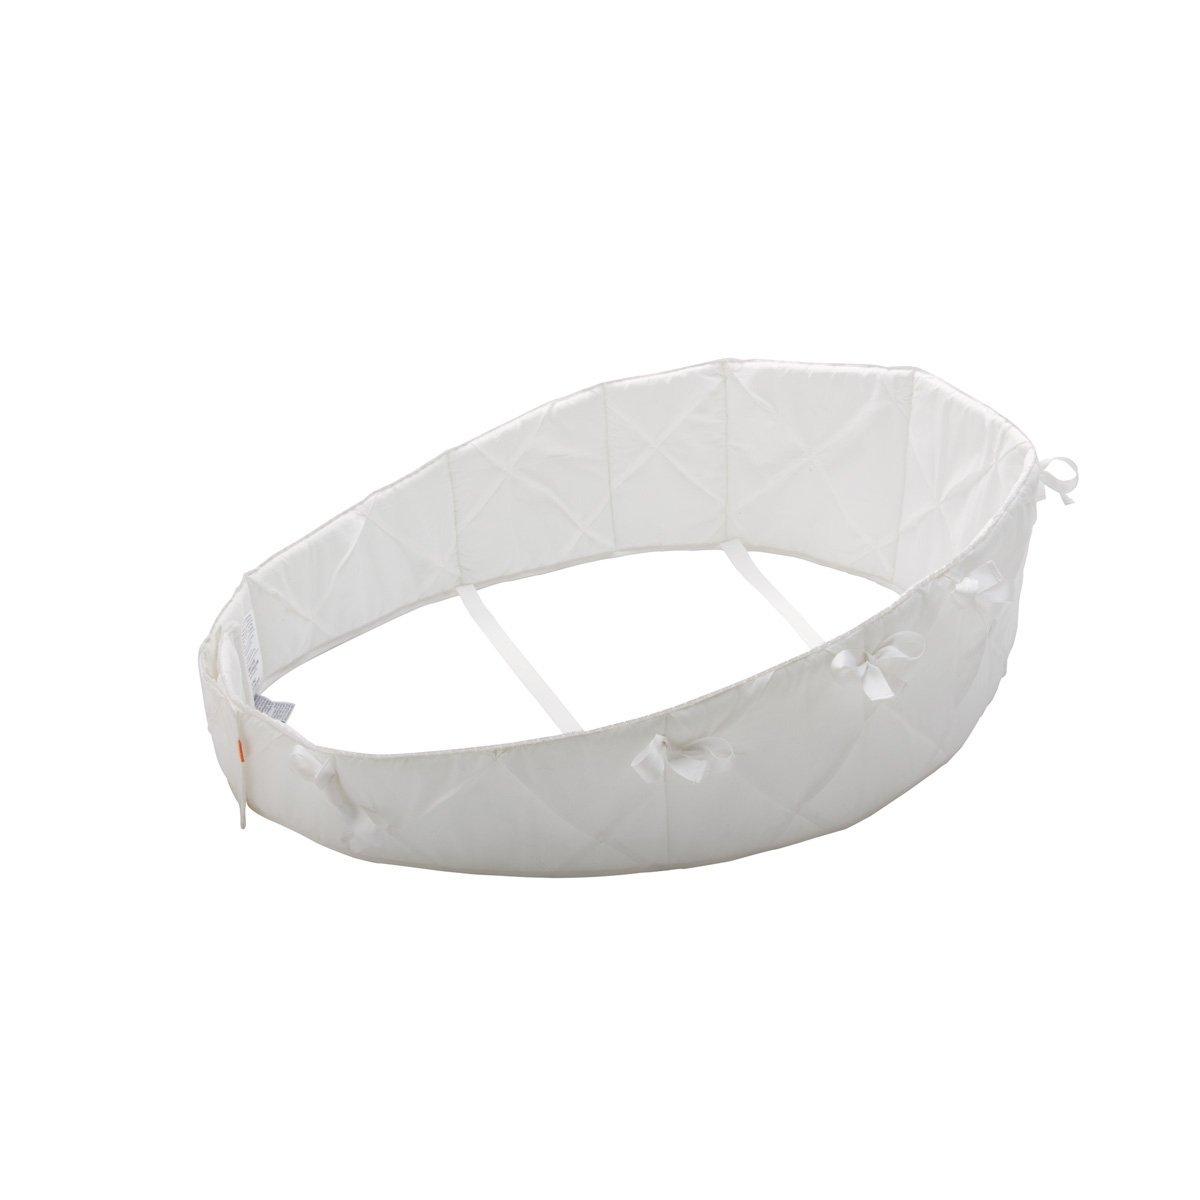 Stokke Sleepi Mini Bumper, Classic White 105407